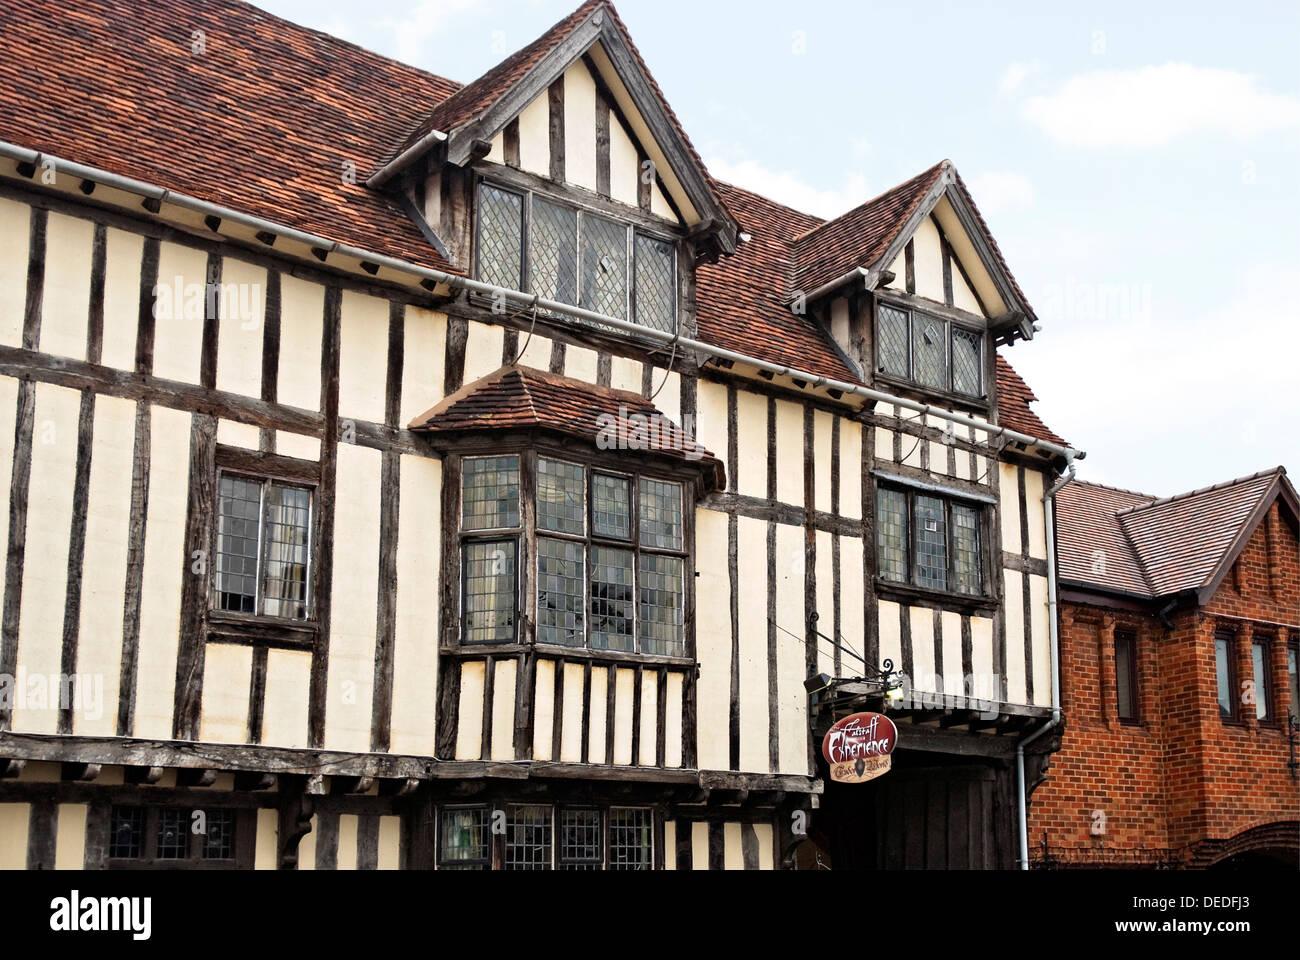 Il Falstaff esperienza in Stratford upon Avon, un premiato attrazione turistica che porta il XVI secolo di vita. Immagini Stock